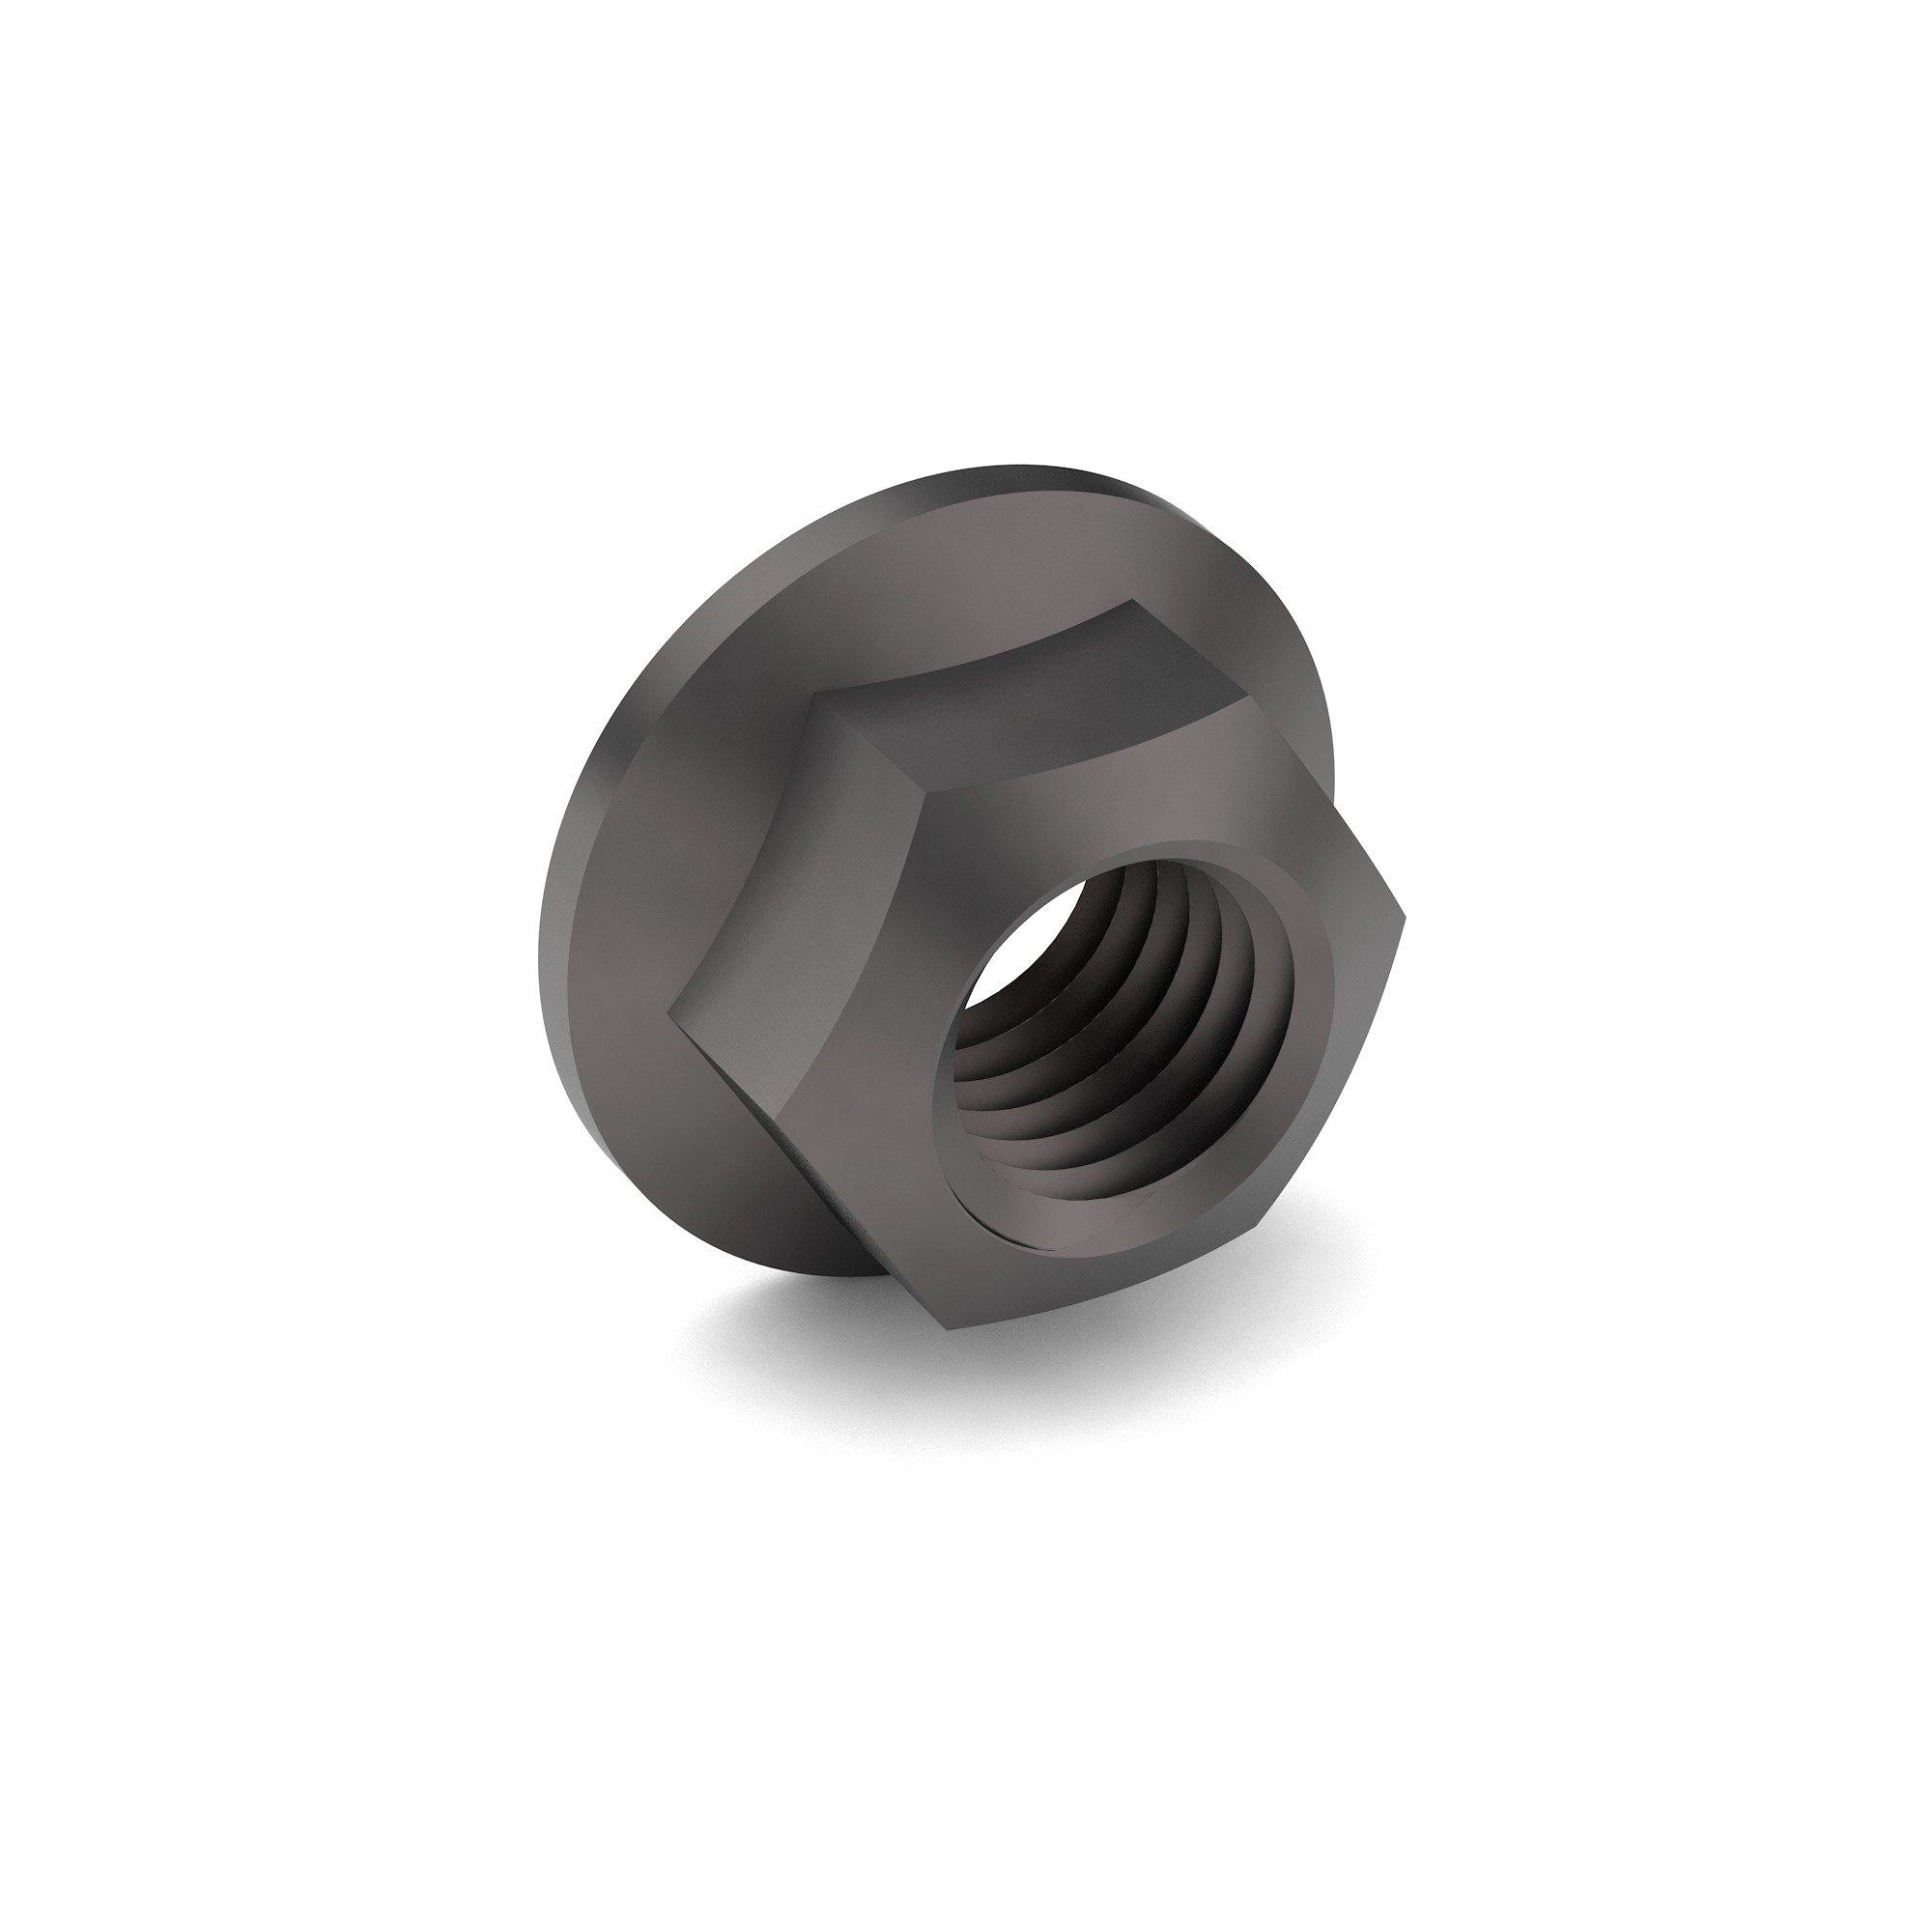 3/8-16 IFI GR G All Metal Hex Flange Lock Nut Zinc Flake 240 HRS RR